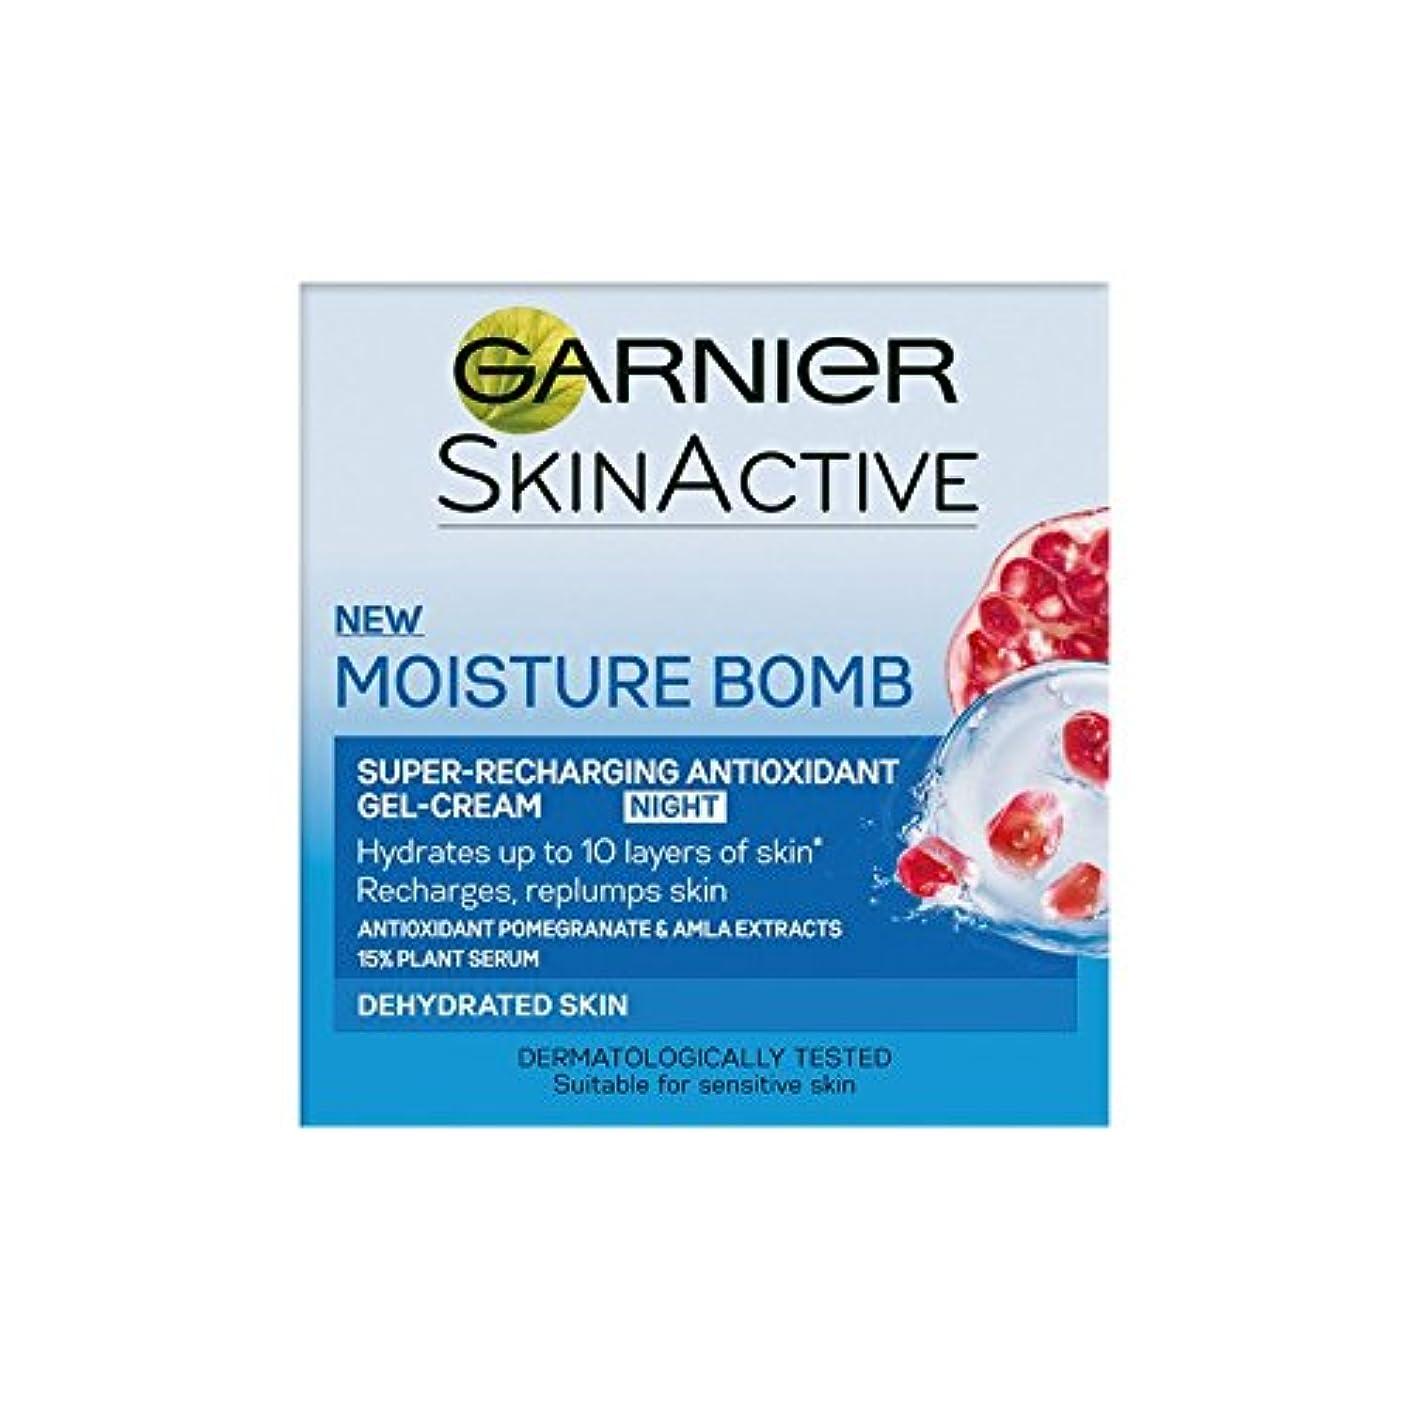 汗比類なきロンドンガルニエ水分爆弾超充電夜のゲルクリーム(50ミリリットル) x2 - Garnier Moisture Bomb Super-Recharging Night Gel-Cream (50ml) (Pack of 2) [...